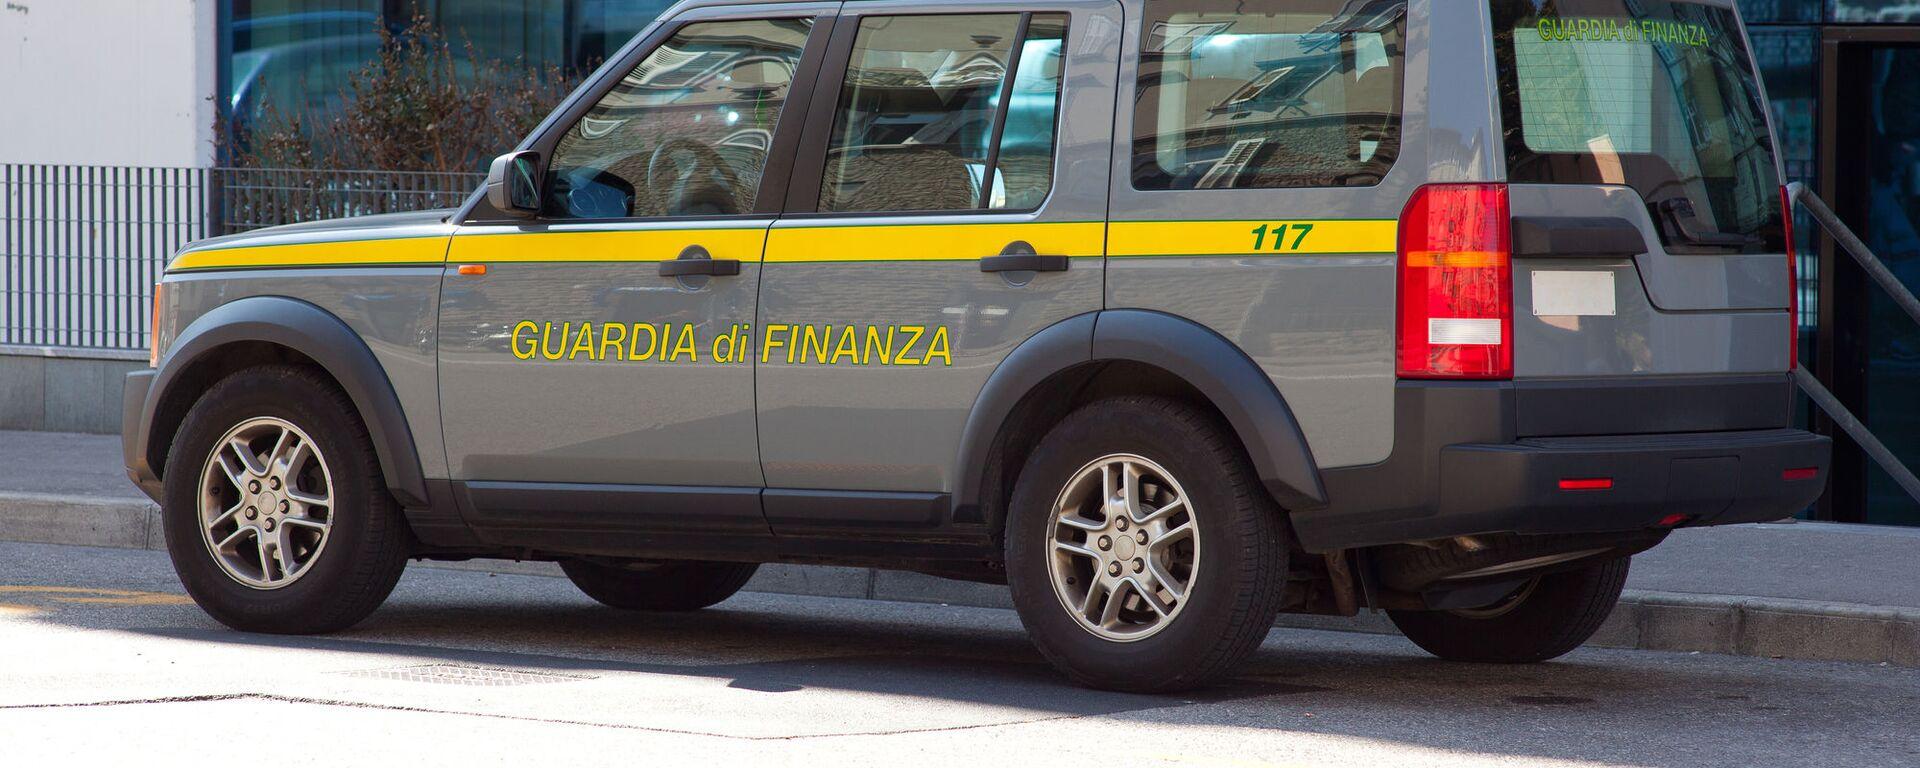 L'autoveicolo della Guardia di Finanza italiana - Sputnik Italia, 1920, 12.02.2021